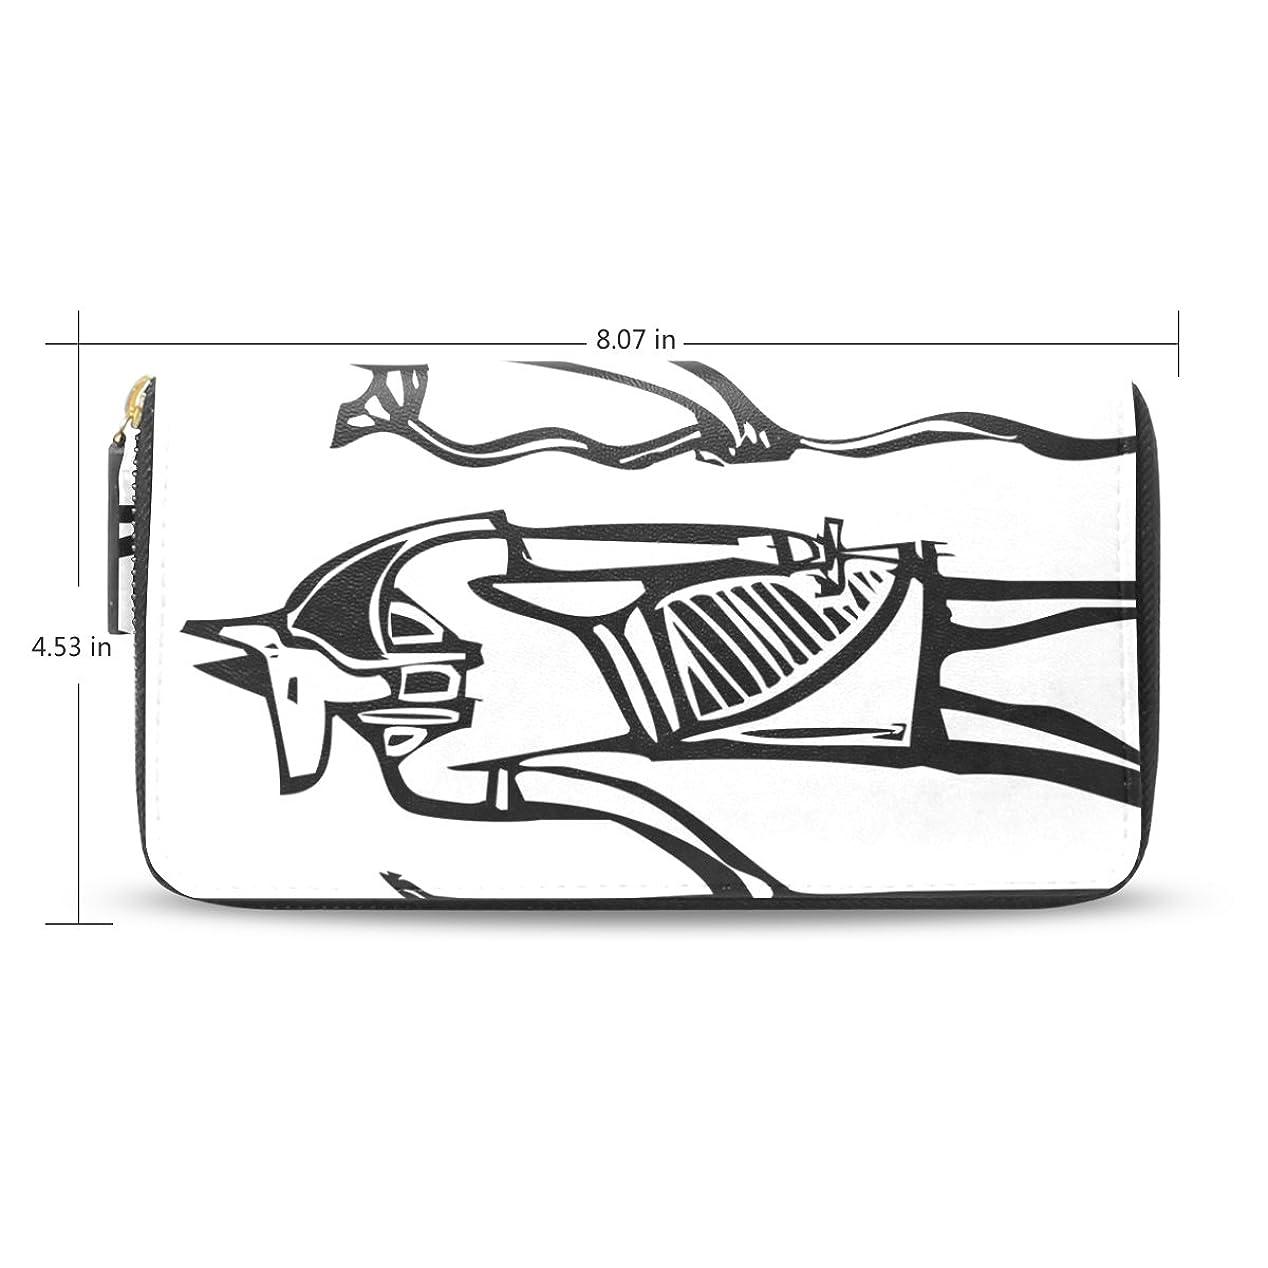 日付付きドラマ手数料レディース古代エジプトアートパターン長財布&財布ケースカードホルダー